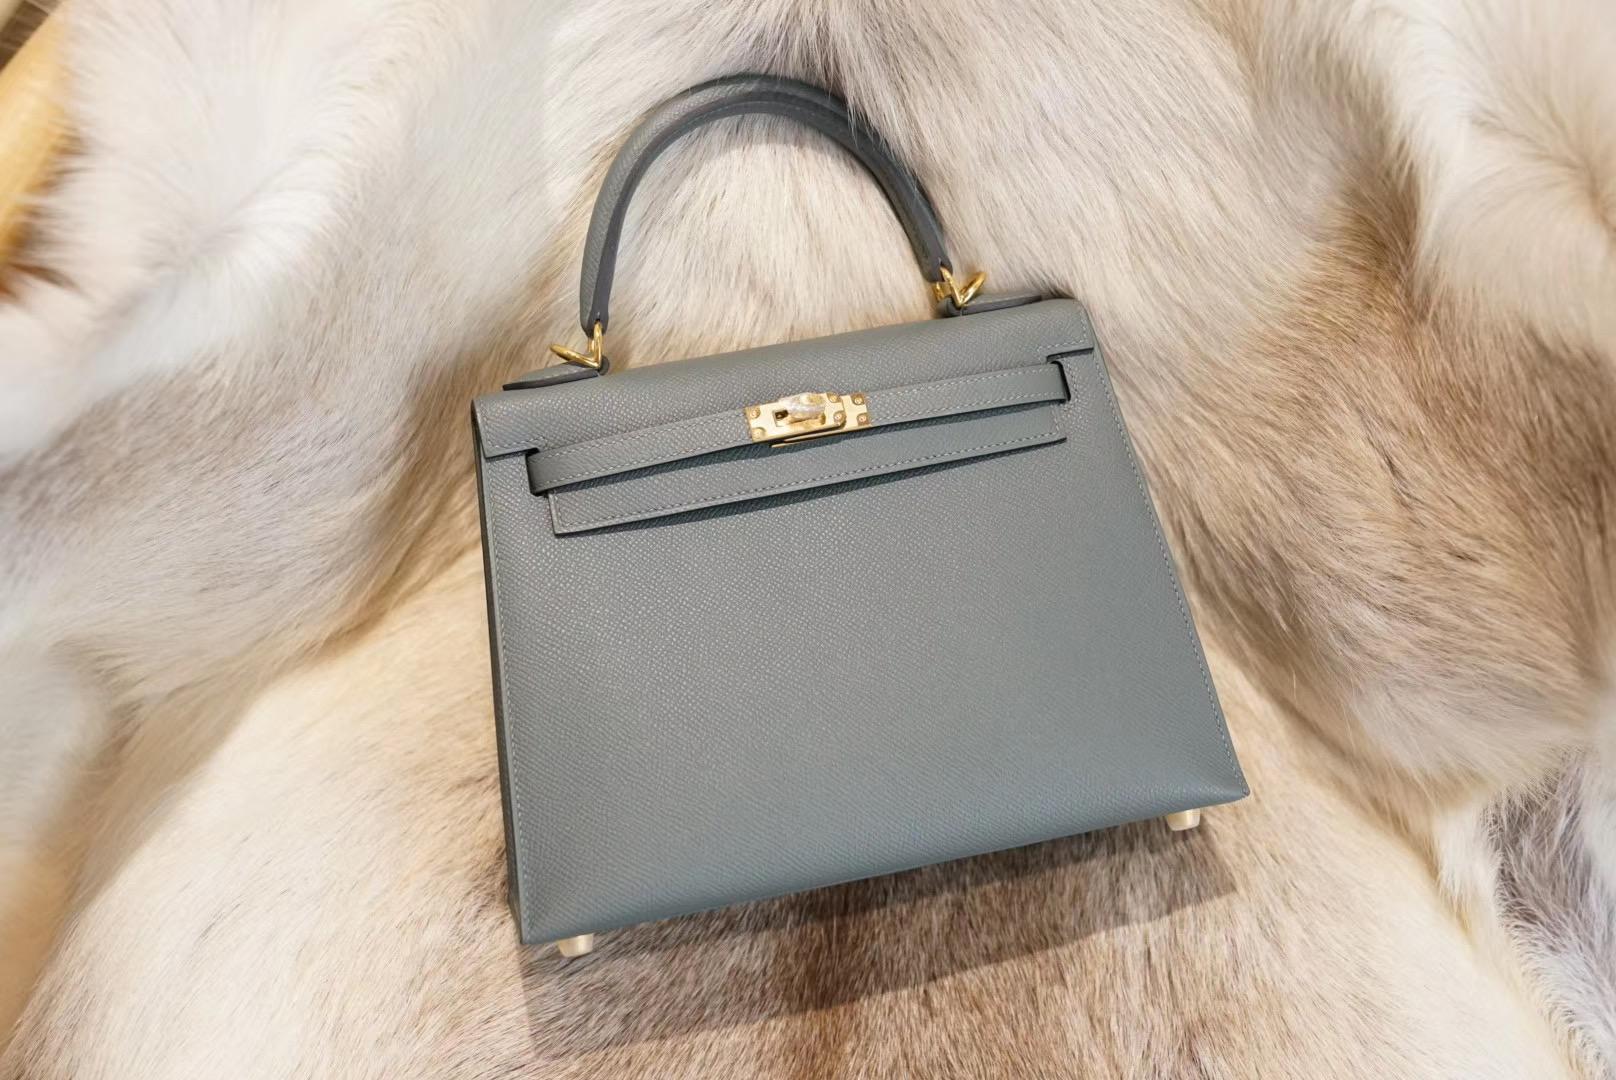 Hermes Kelly C63杏仁绿 KL25 原厂Epsom皮 法国蜡线 全手缝